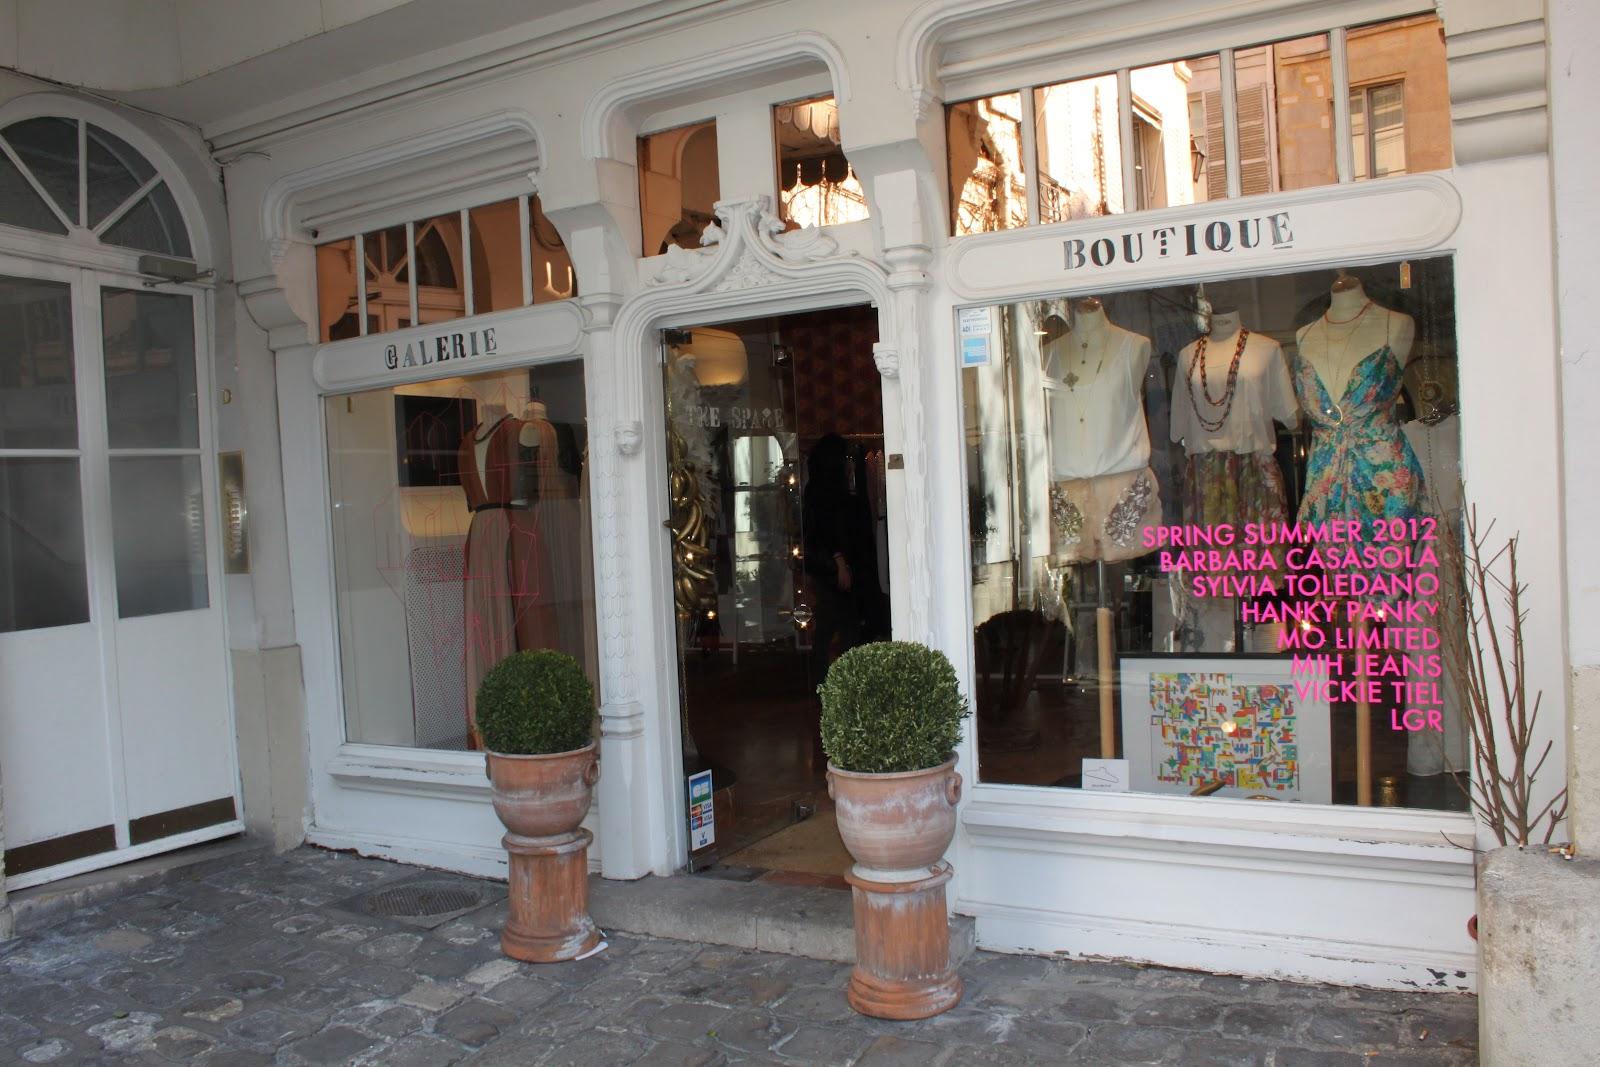 Superbe 21 Rue Bonaparte 75006 Paris #15: The Space, 21 Rue Bonaparte, 75006, Paris